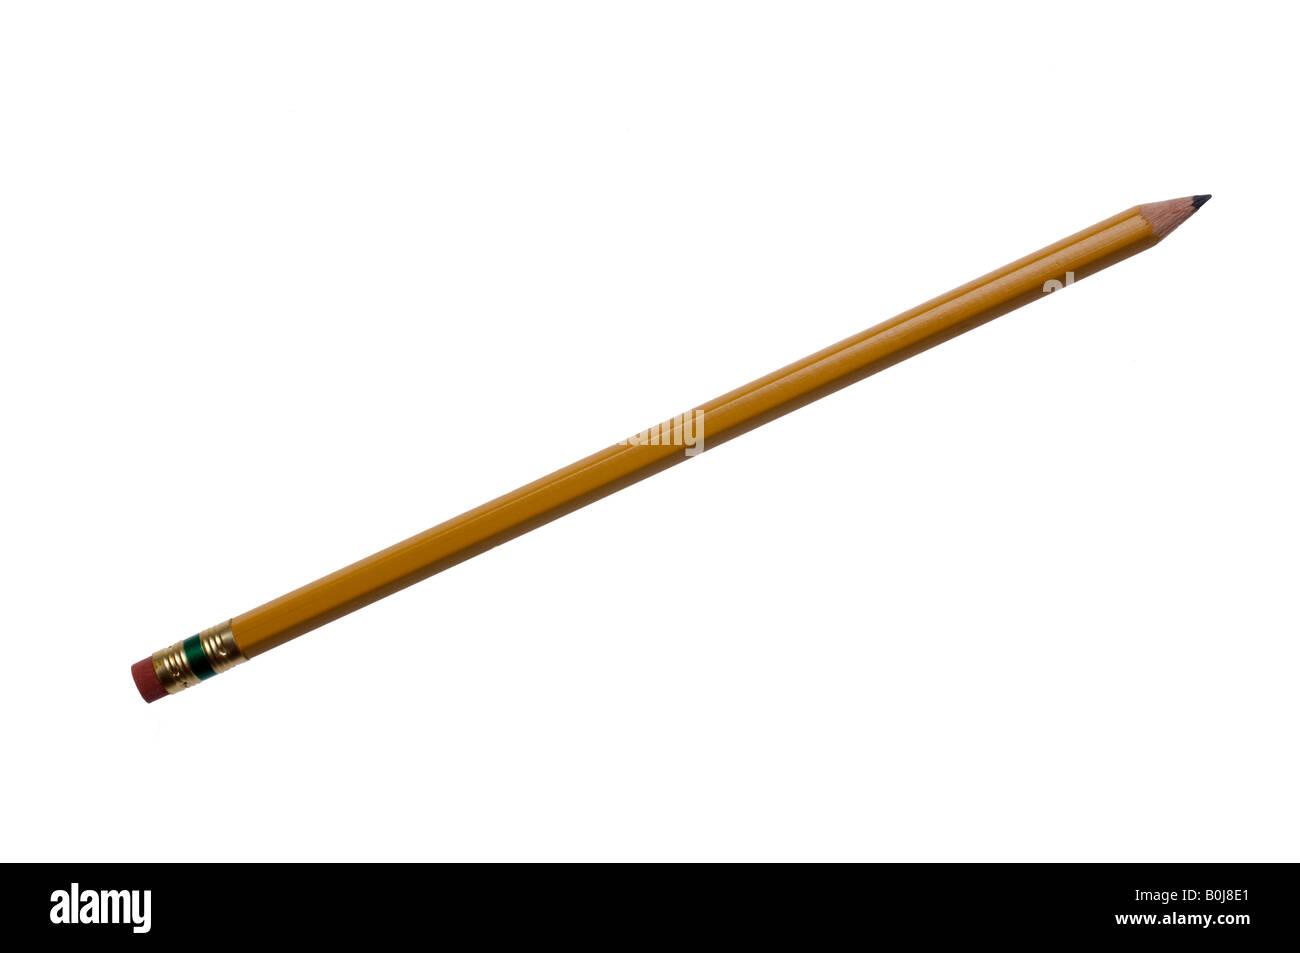 Ausschnitt der Bleistift, in voller Länge anzeigen. Stockbild